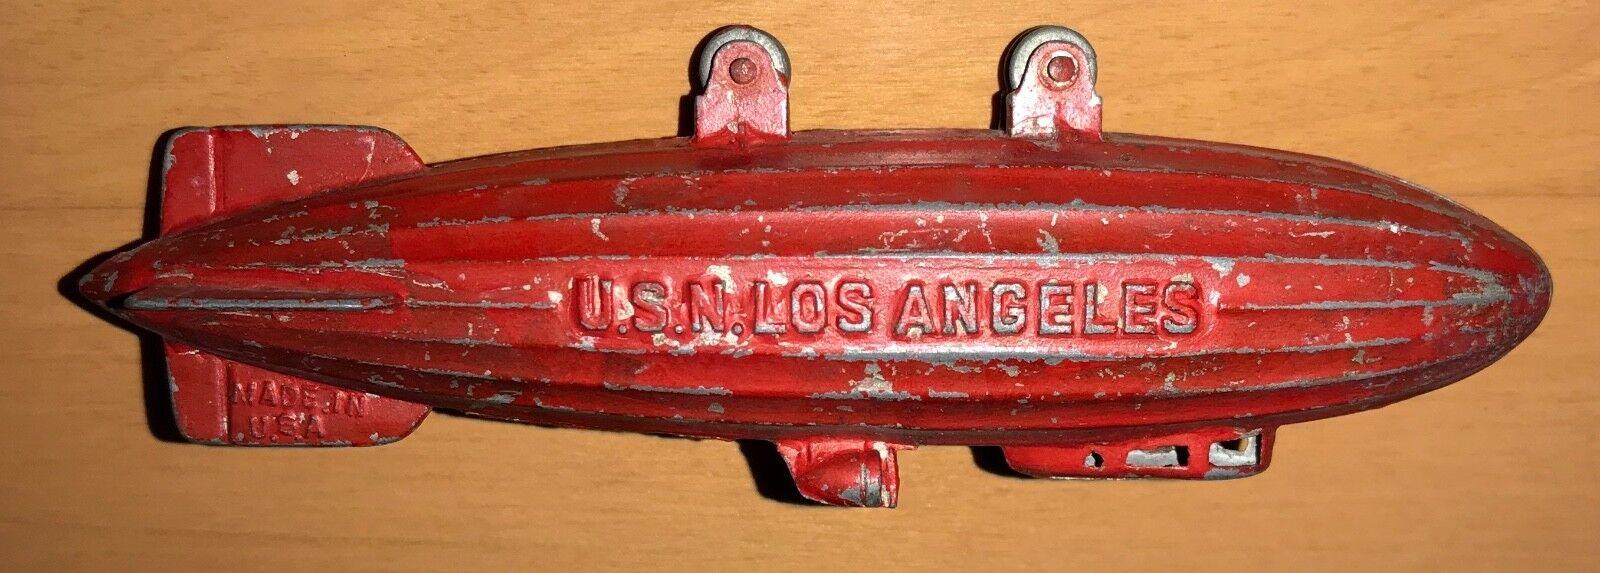 preferente Tootsietoy USN los los los Angeles dirigible dirigible C. década de 2018 Vintage  clásico atemporal